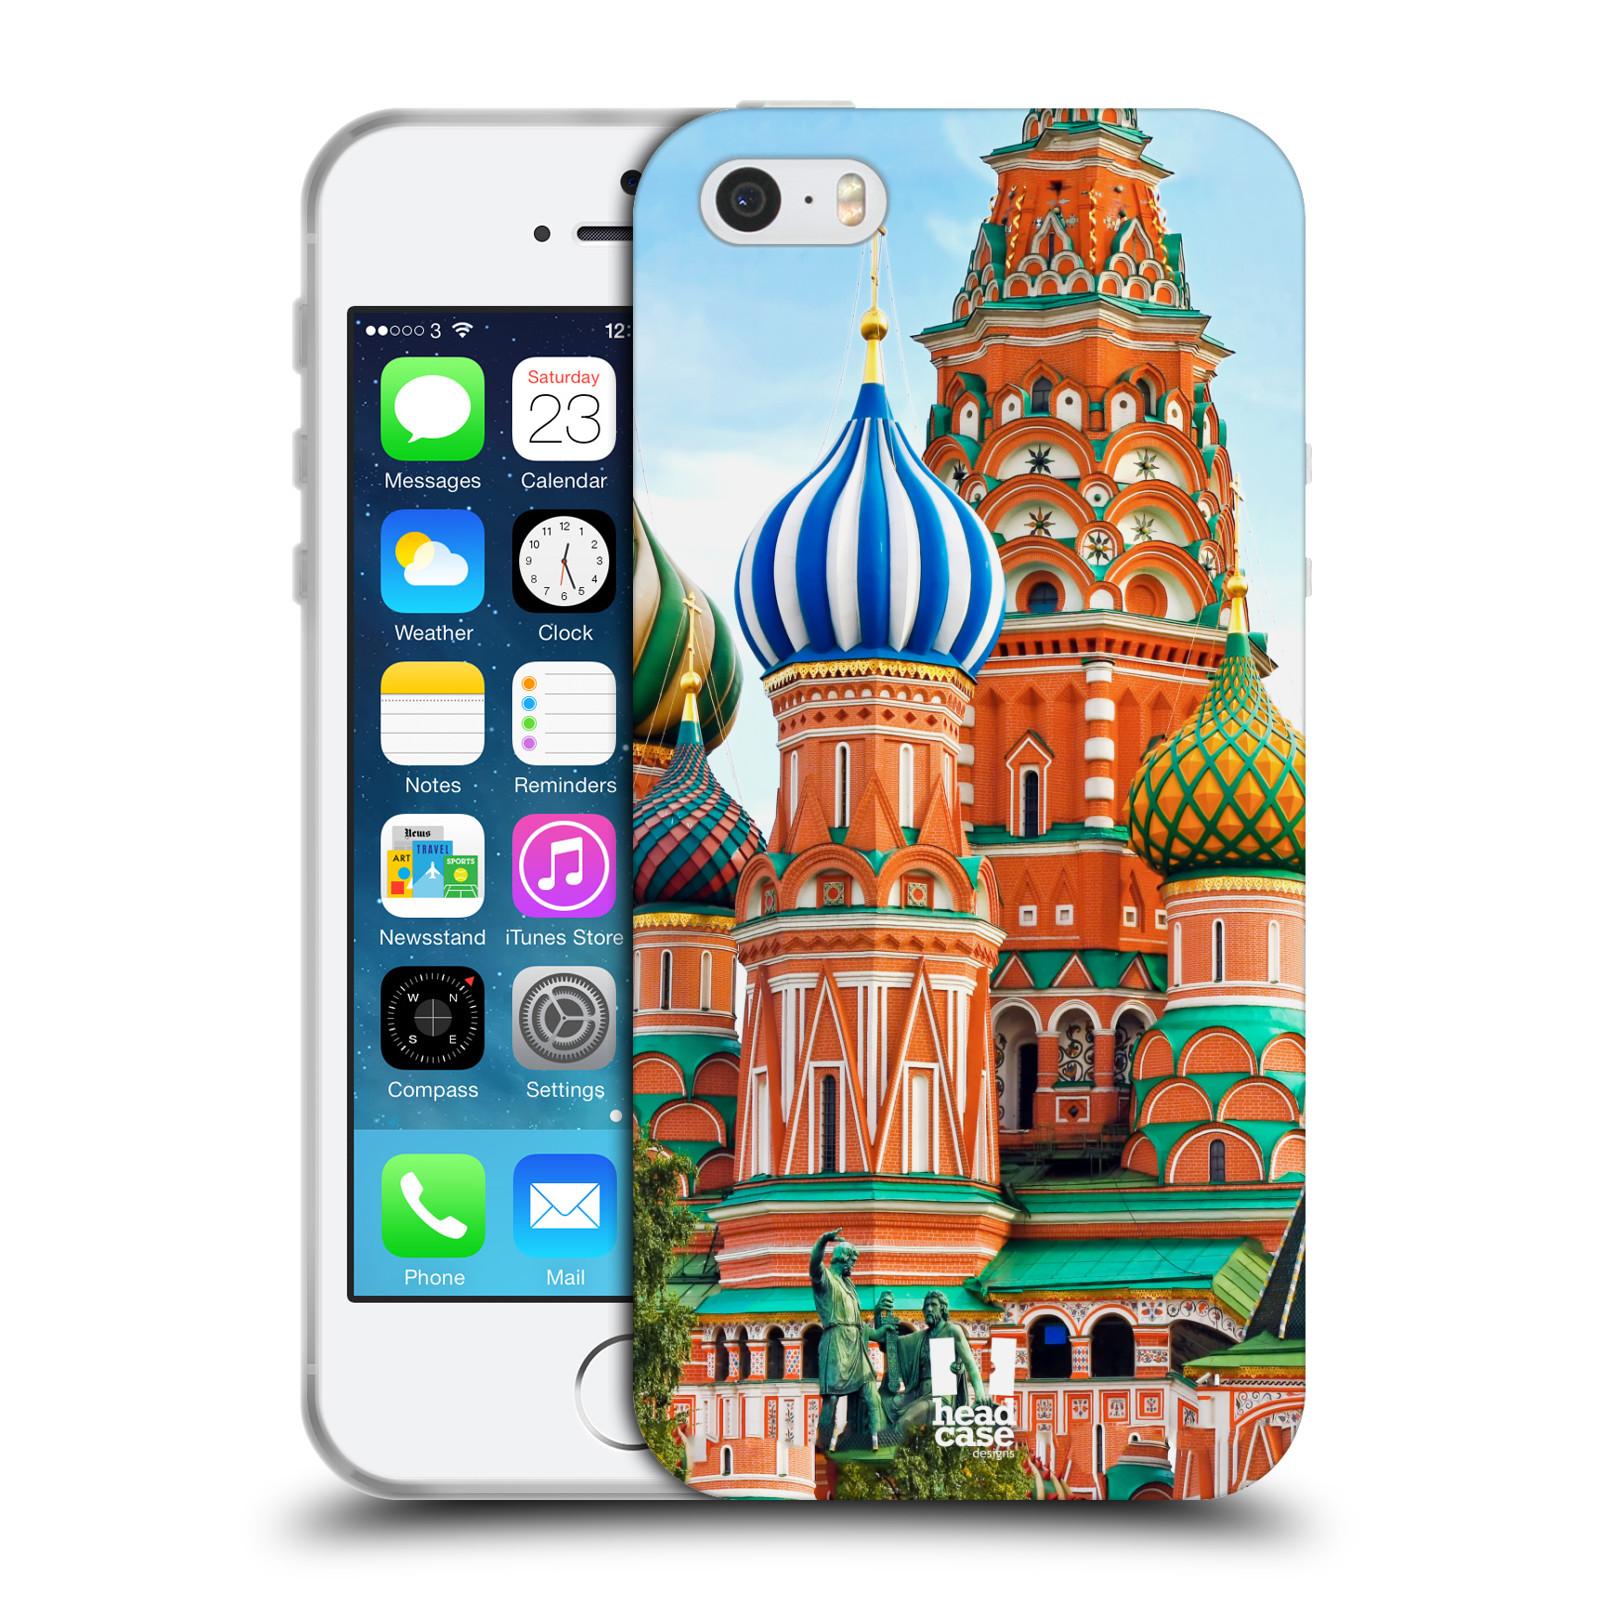 HEAD CASE silikonový obal na mobil Apple Iphone 5 5S vzor Města foto  náměstí RUSKO a9a1d47ccb4